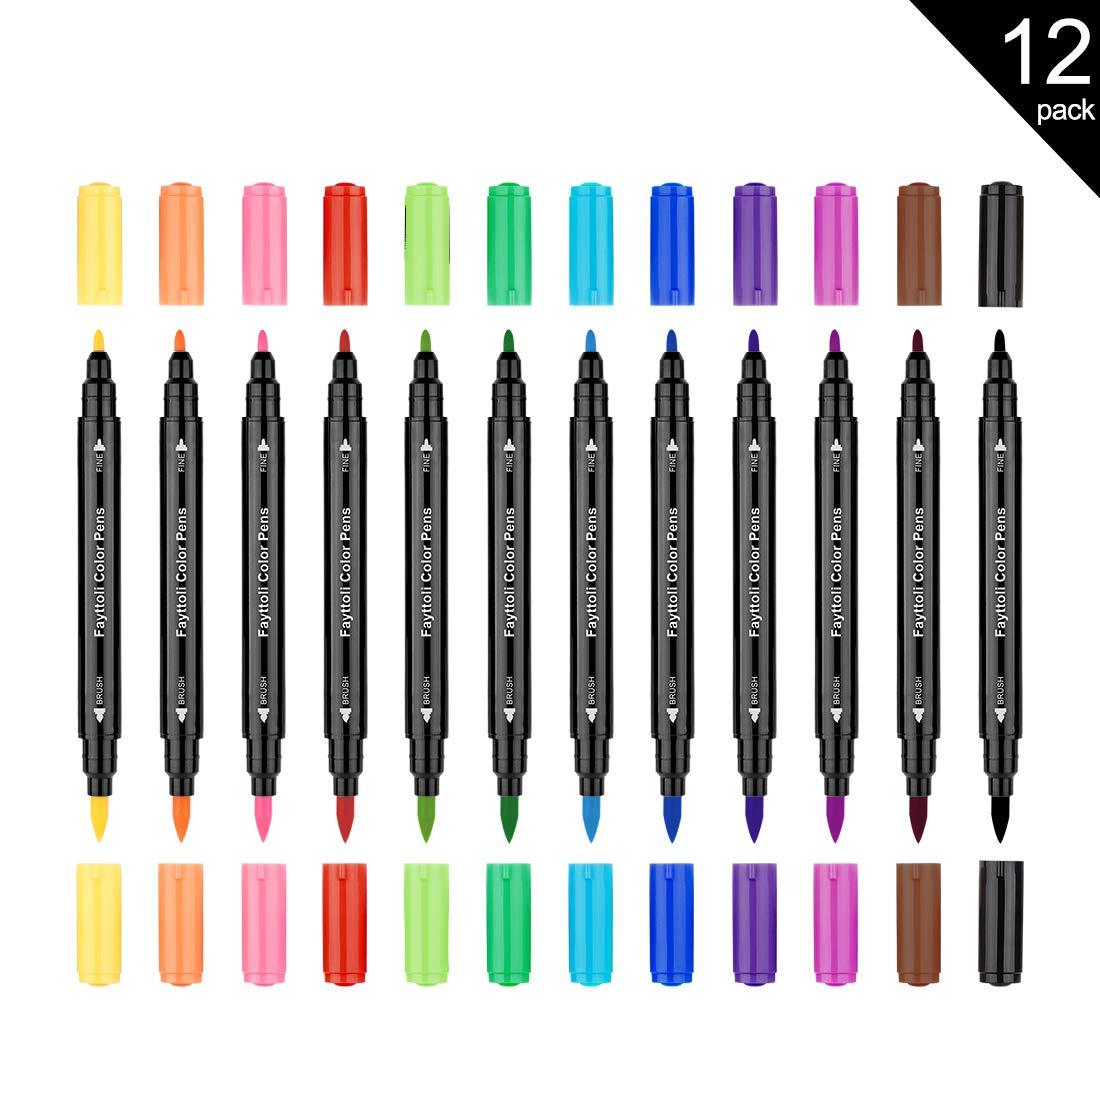 Fayttoli 12 colores rotuladores para colorear - rotuladores de doble punta - para adultos libro para colorear, dibujo, caligrafía, manga: Amazon.es: Hogar